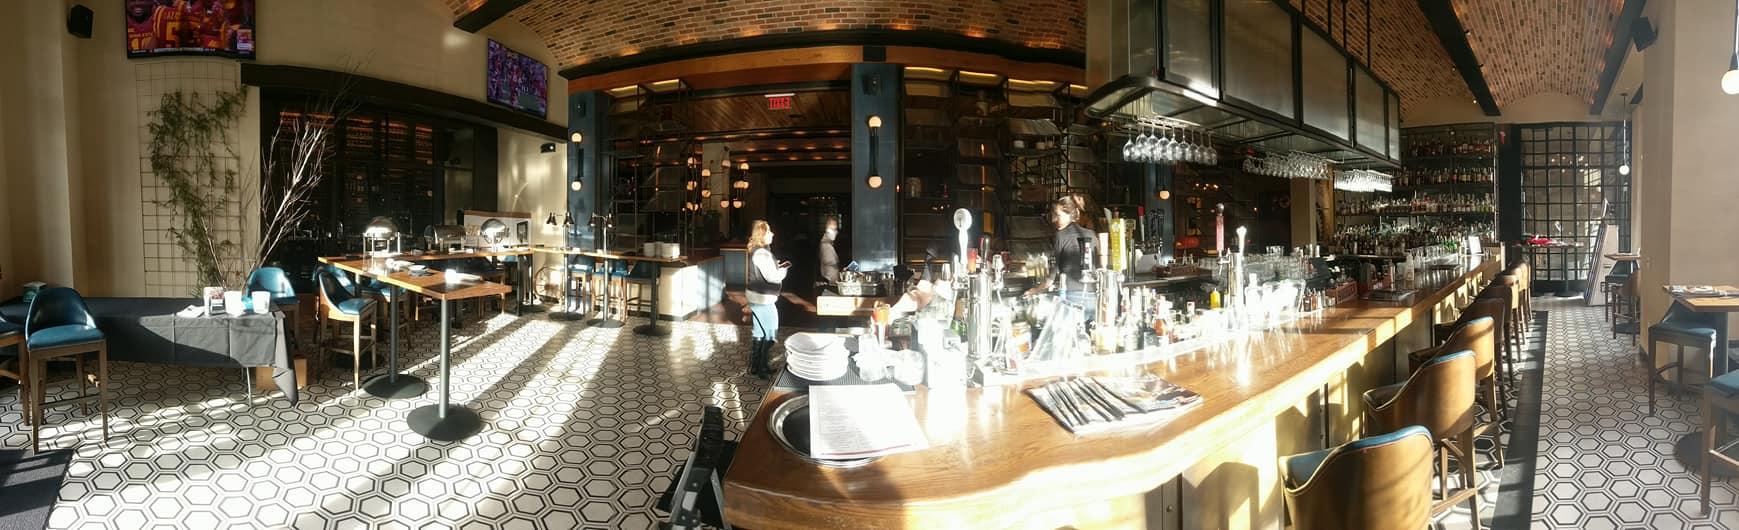 The Hamilton Kitchen Bar Rockin Ramaley